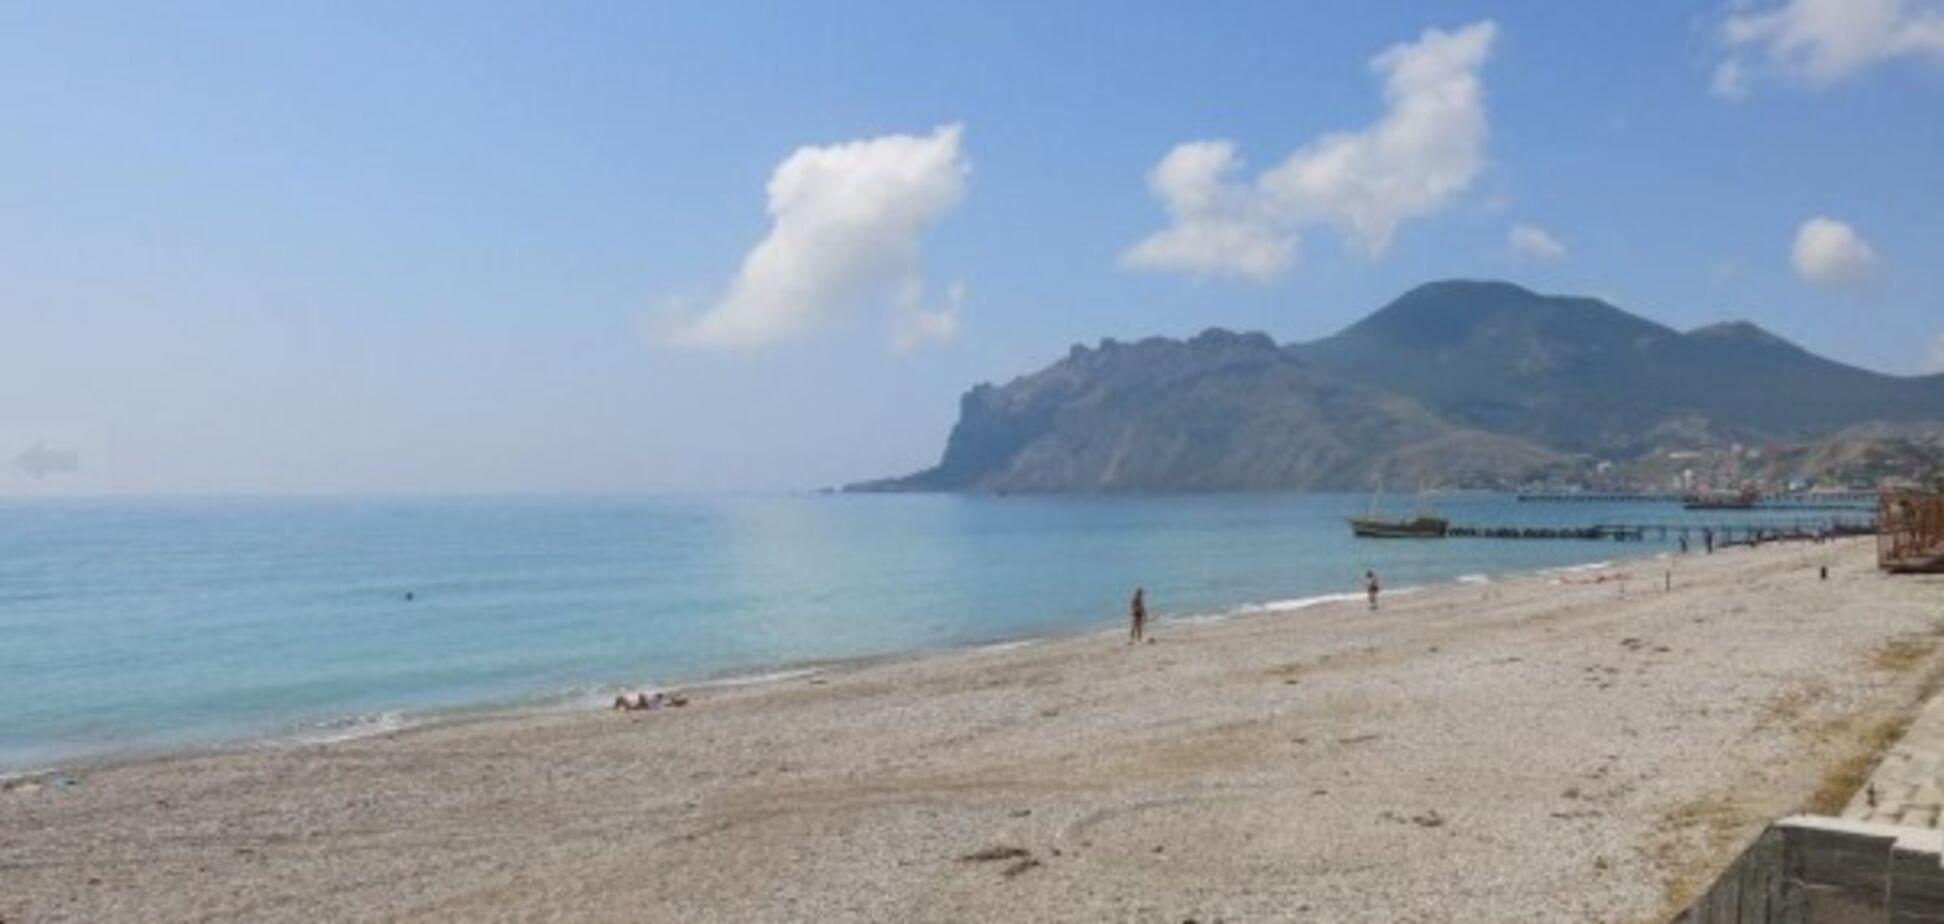 'Поперлись в Турцию!' На росТВ признали туристический провал Крыма из-за бешеных цен